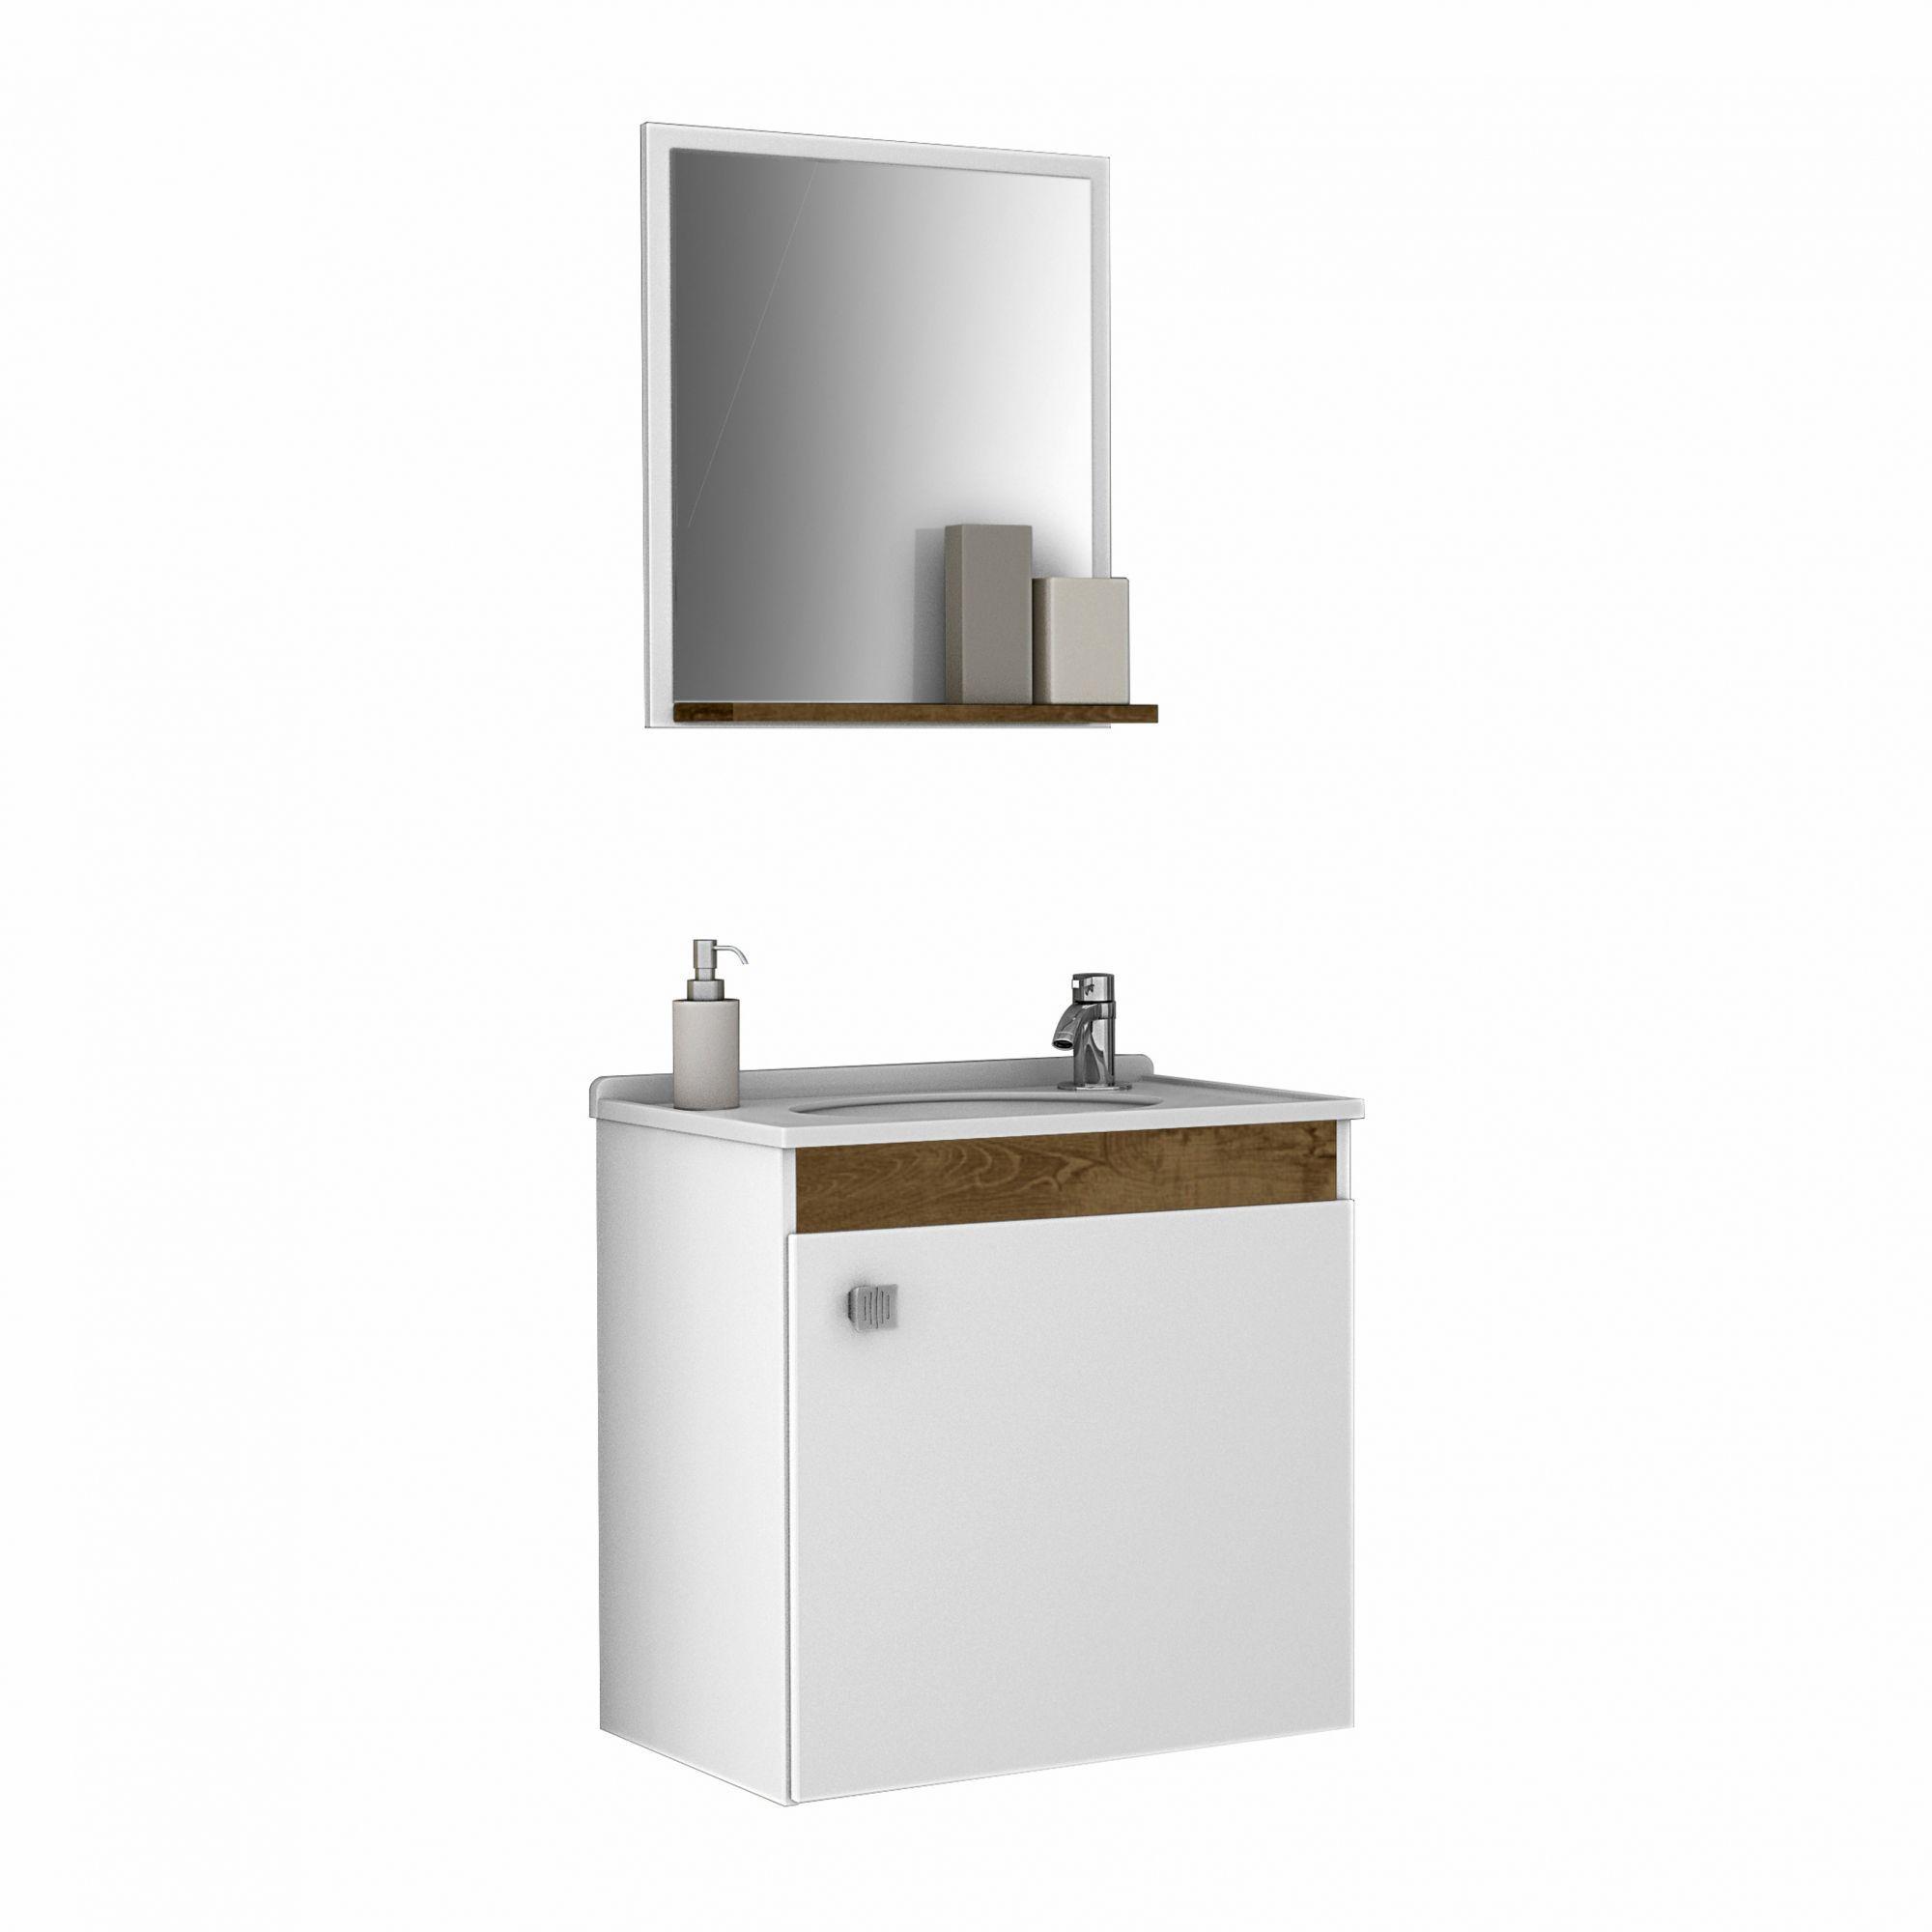 Gabinete com Espelheira Siena Branco / Madeira Rustica  - Moveis Bechara